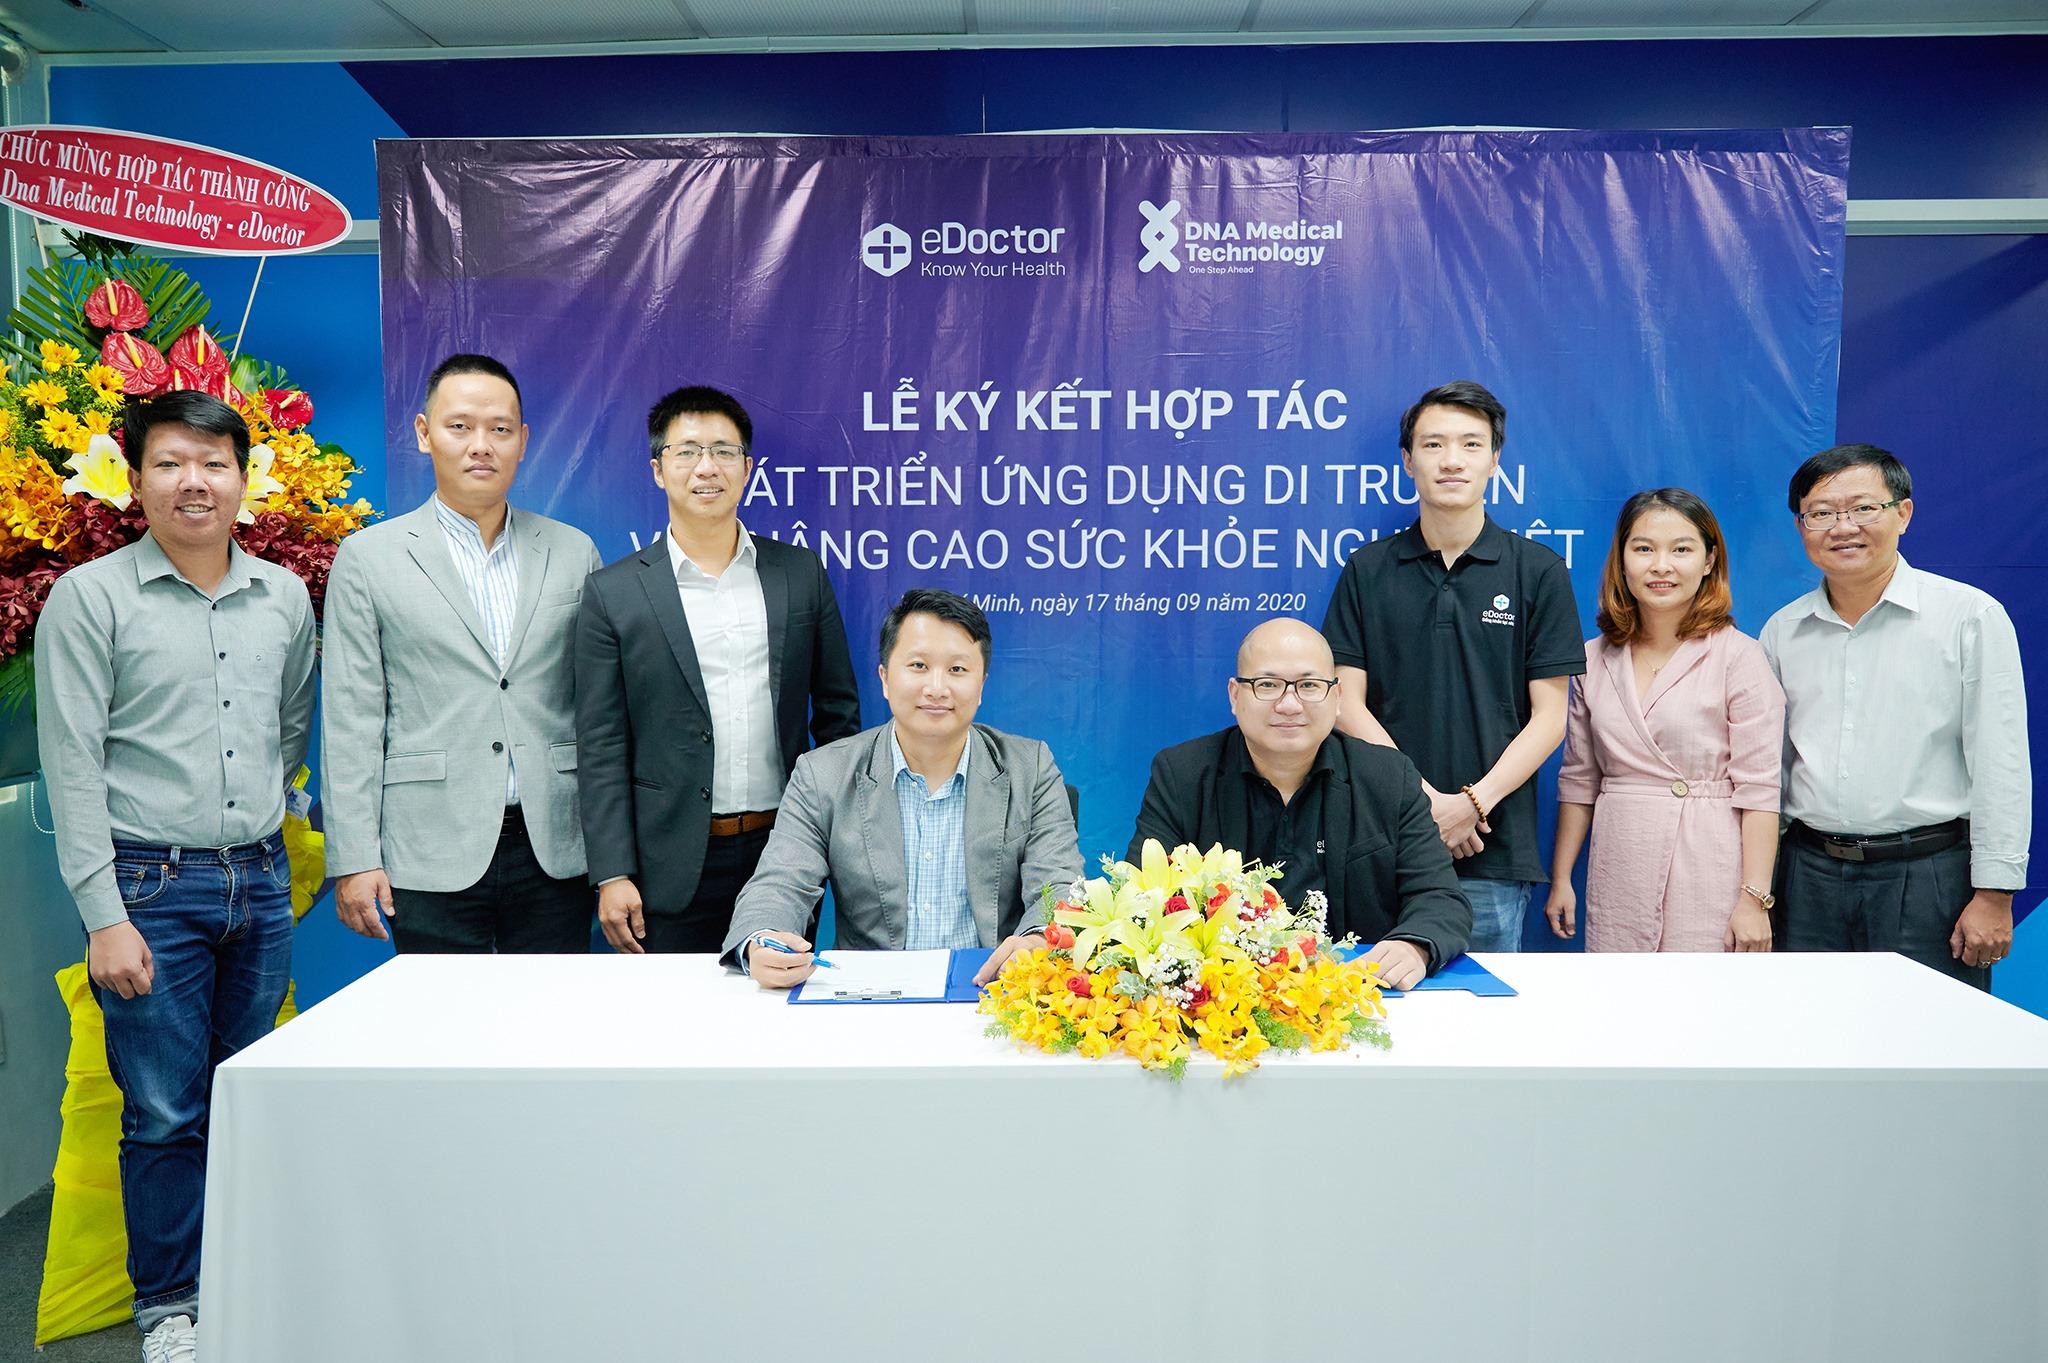 eDoctor và DNA Medical Technology hợp tác nâng cao sức khỏe người Việt Nam